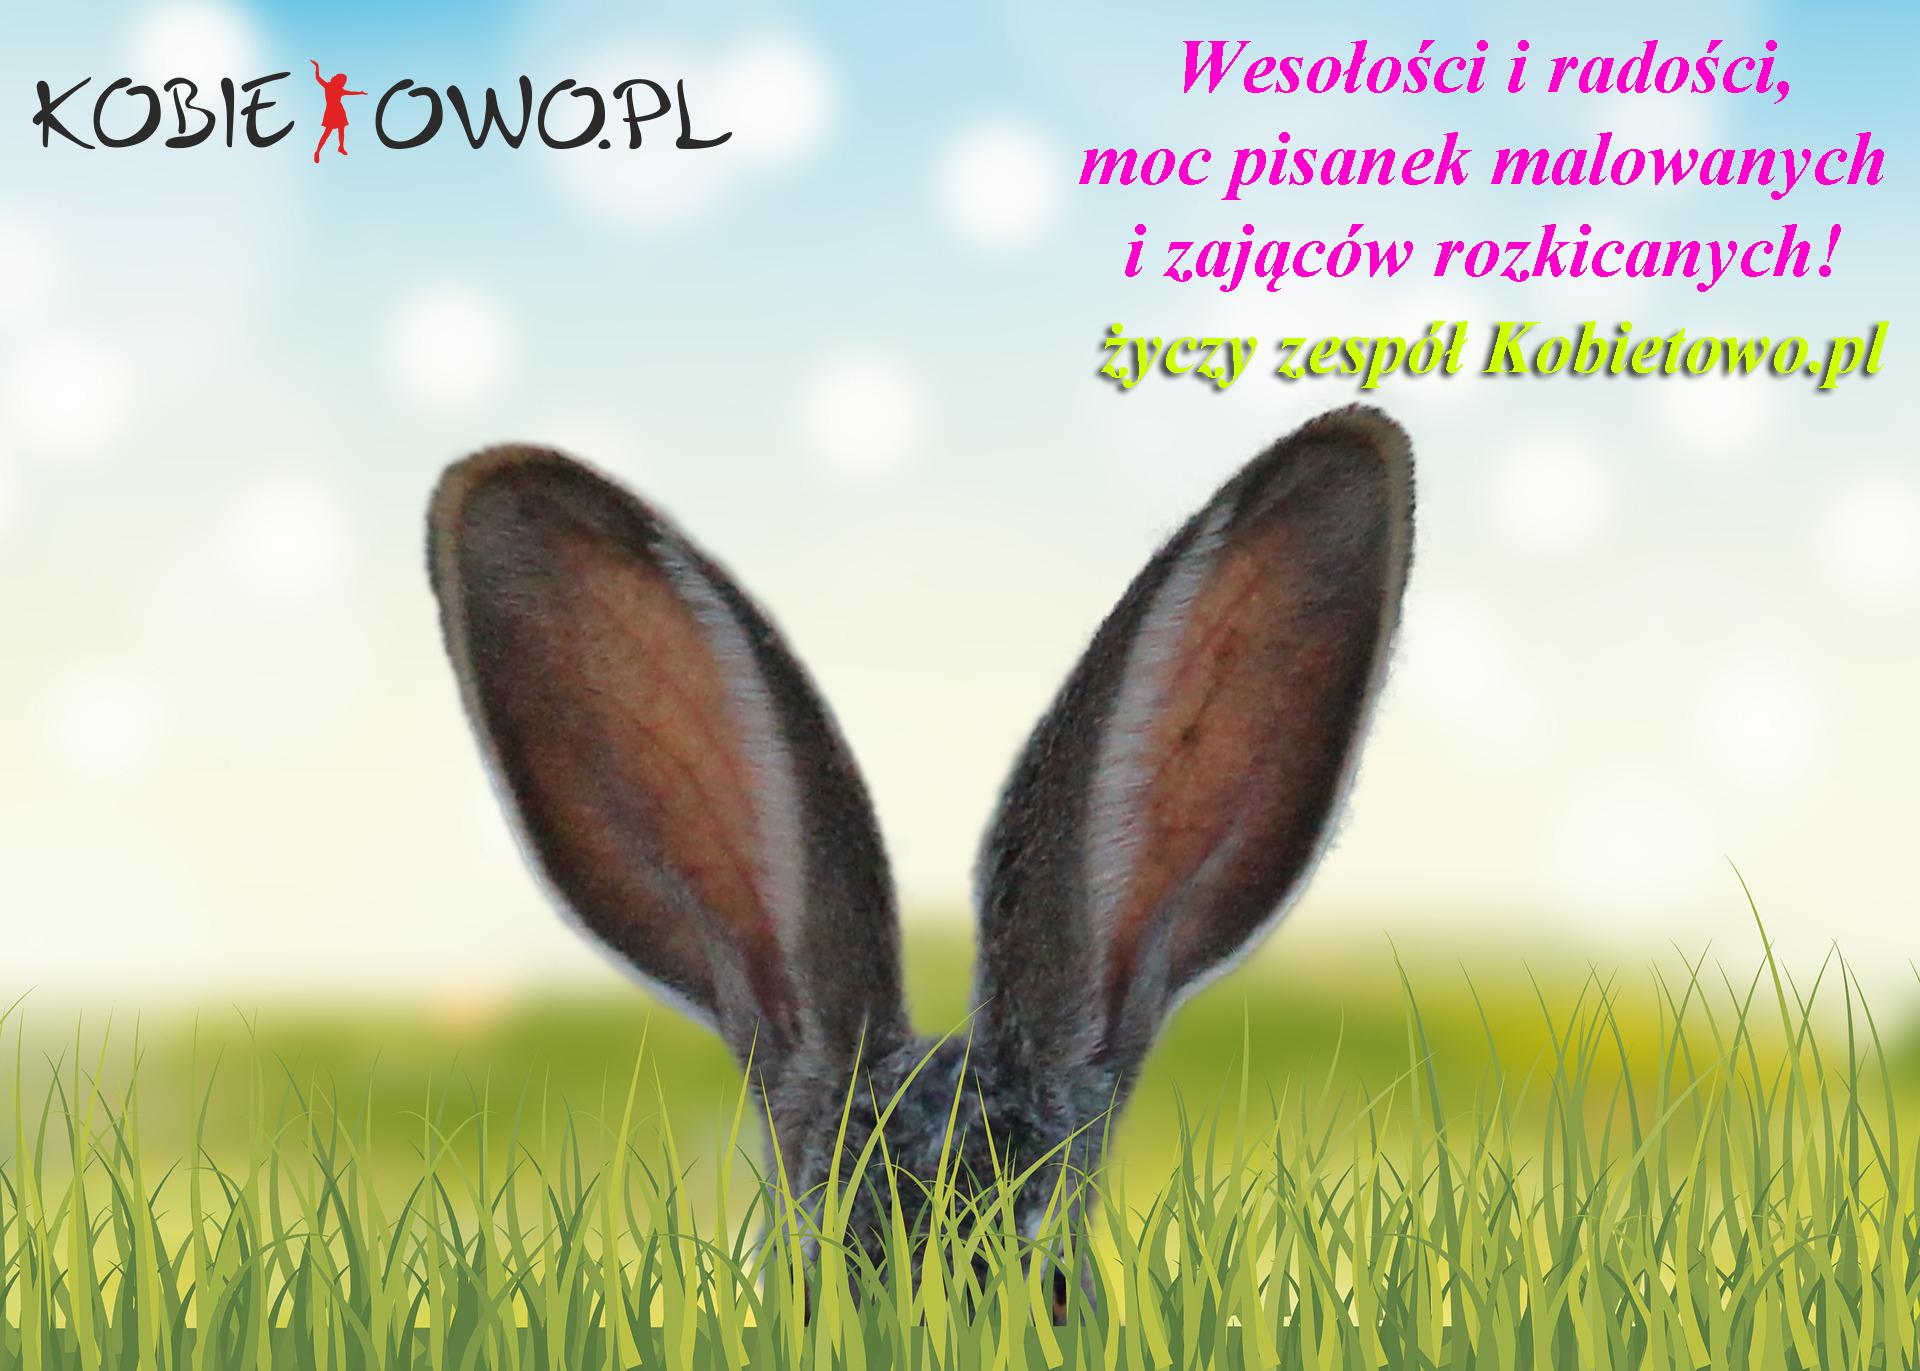 Wesołości Wielkanocnej!